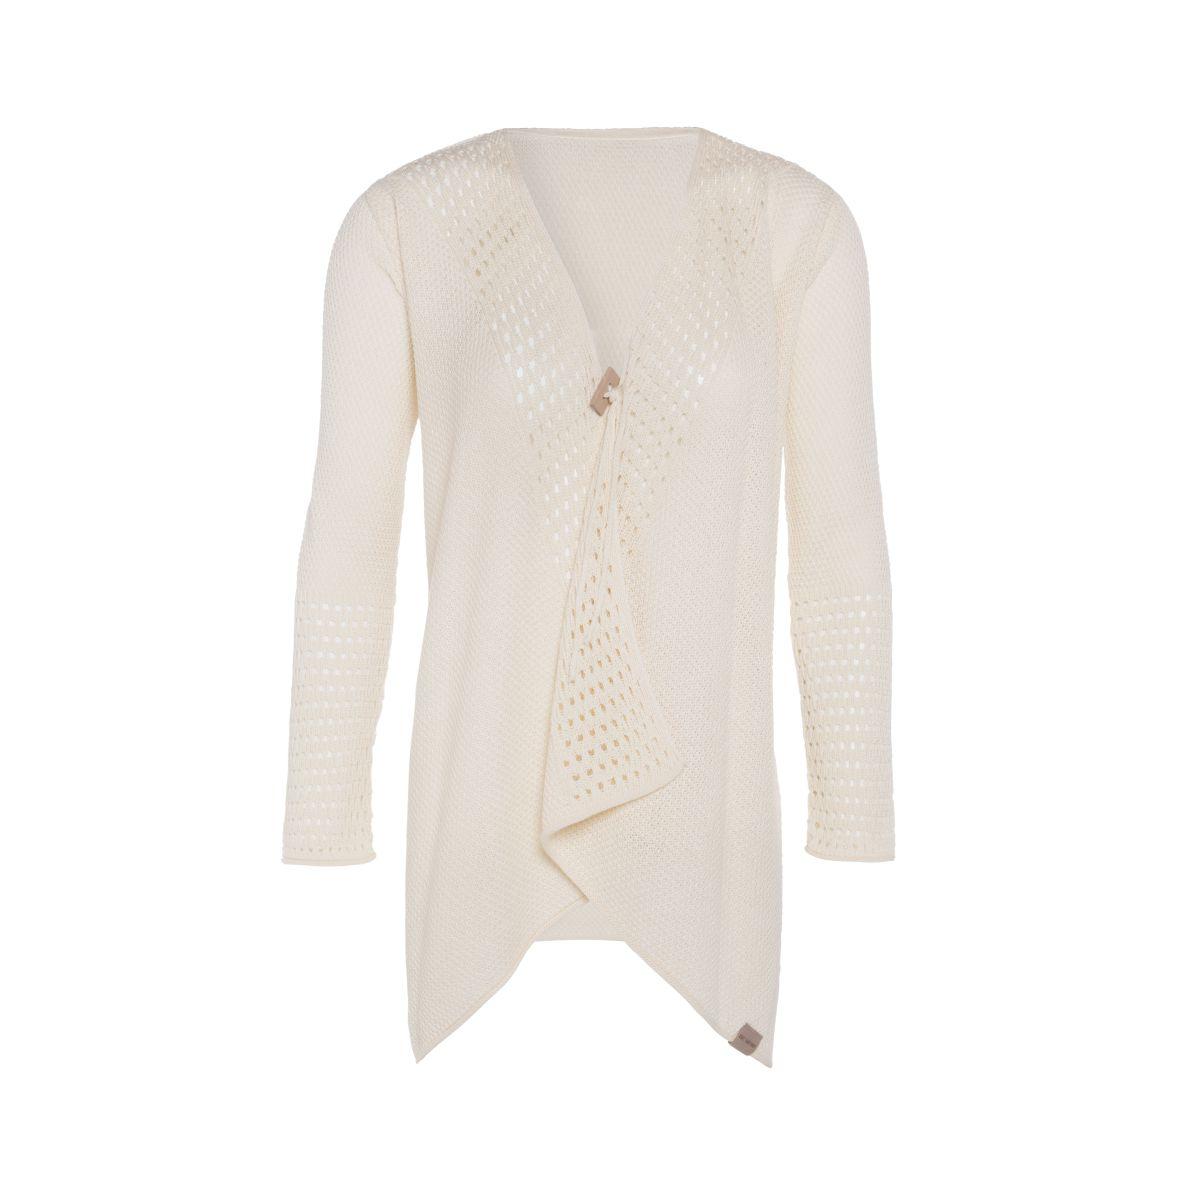 april knitted cardigan ecru 4042